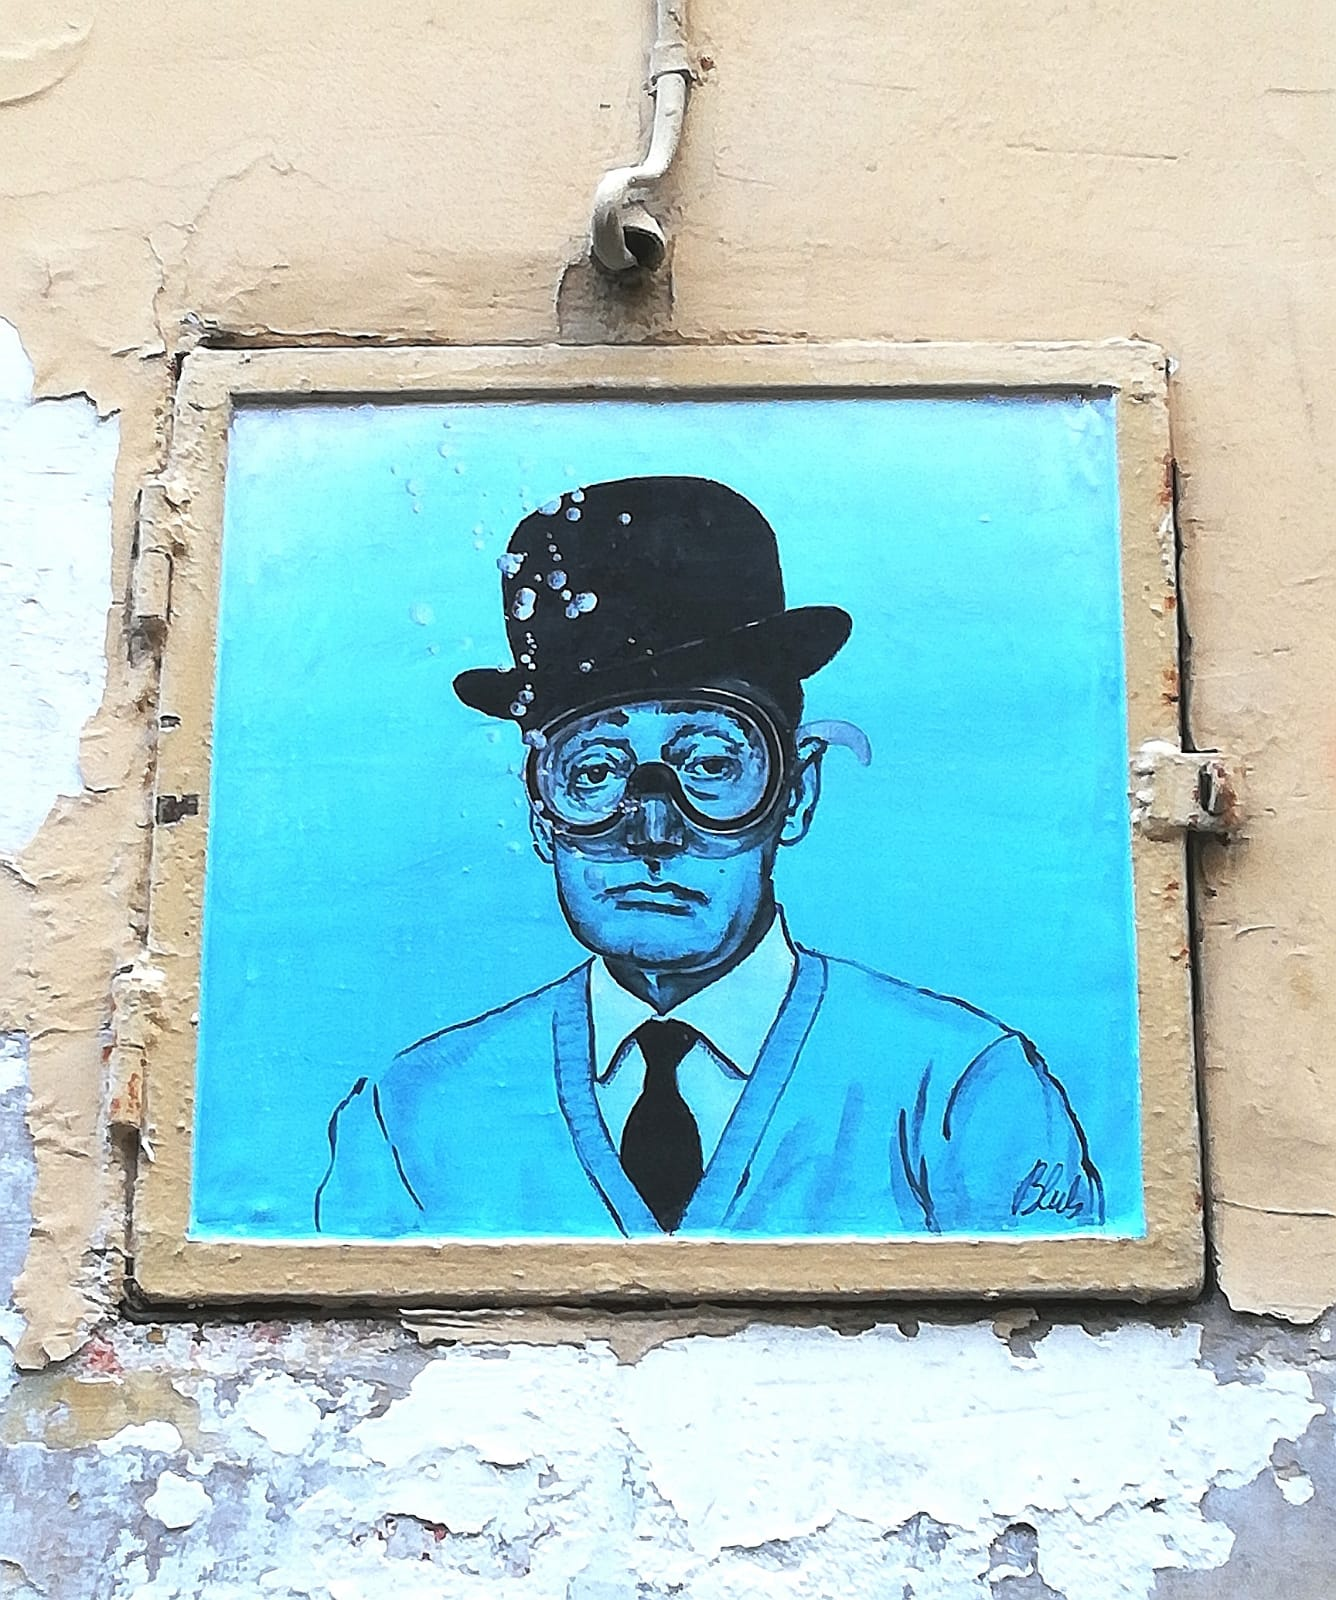 L'arte sa nuotare: lo street artist Blub approda al MANN di Napoli